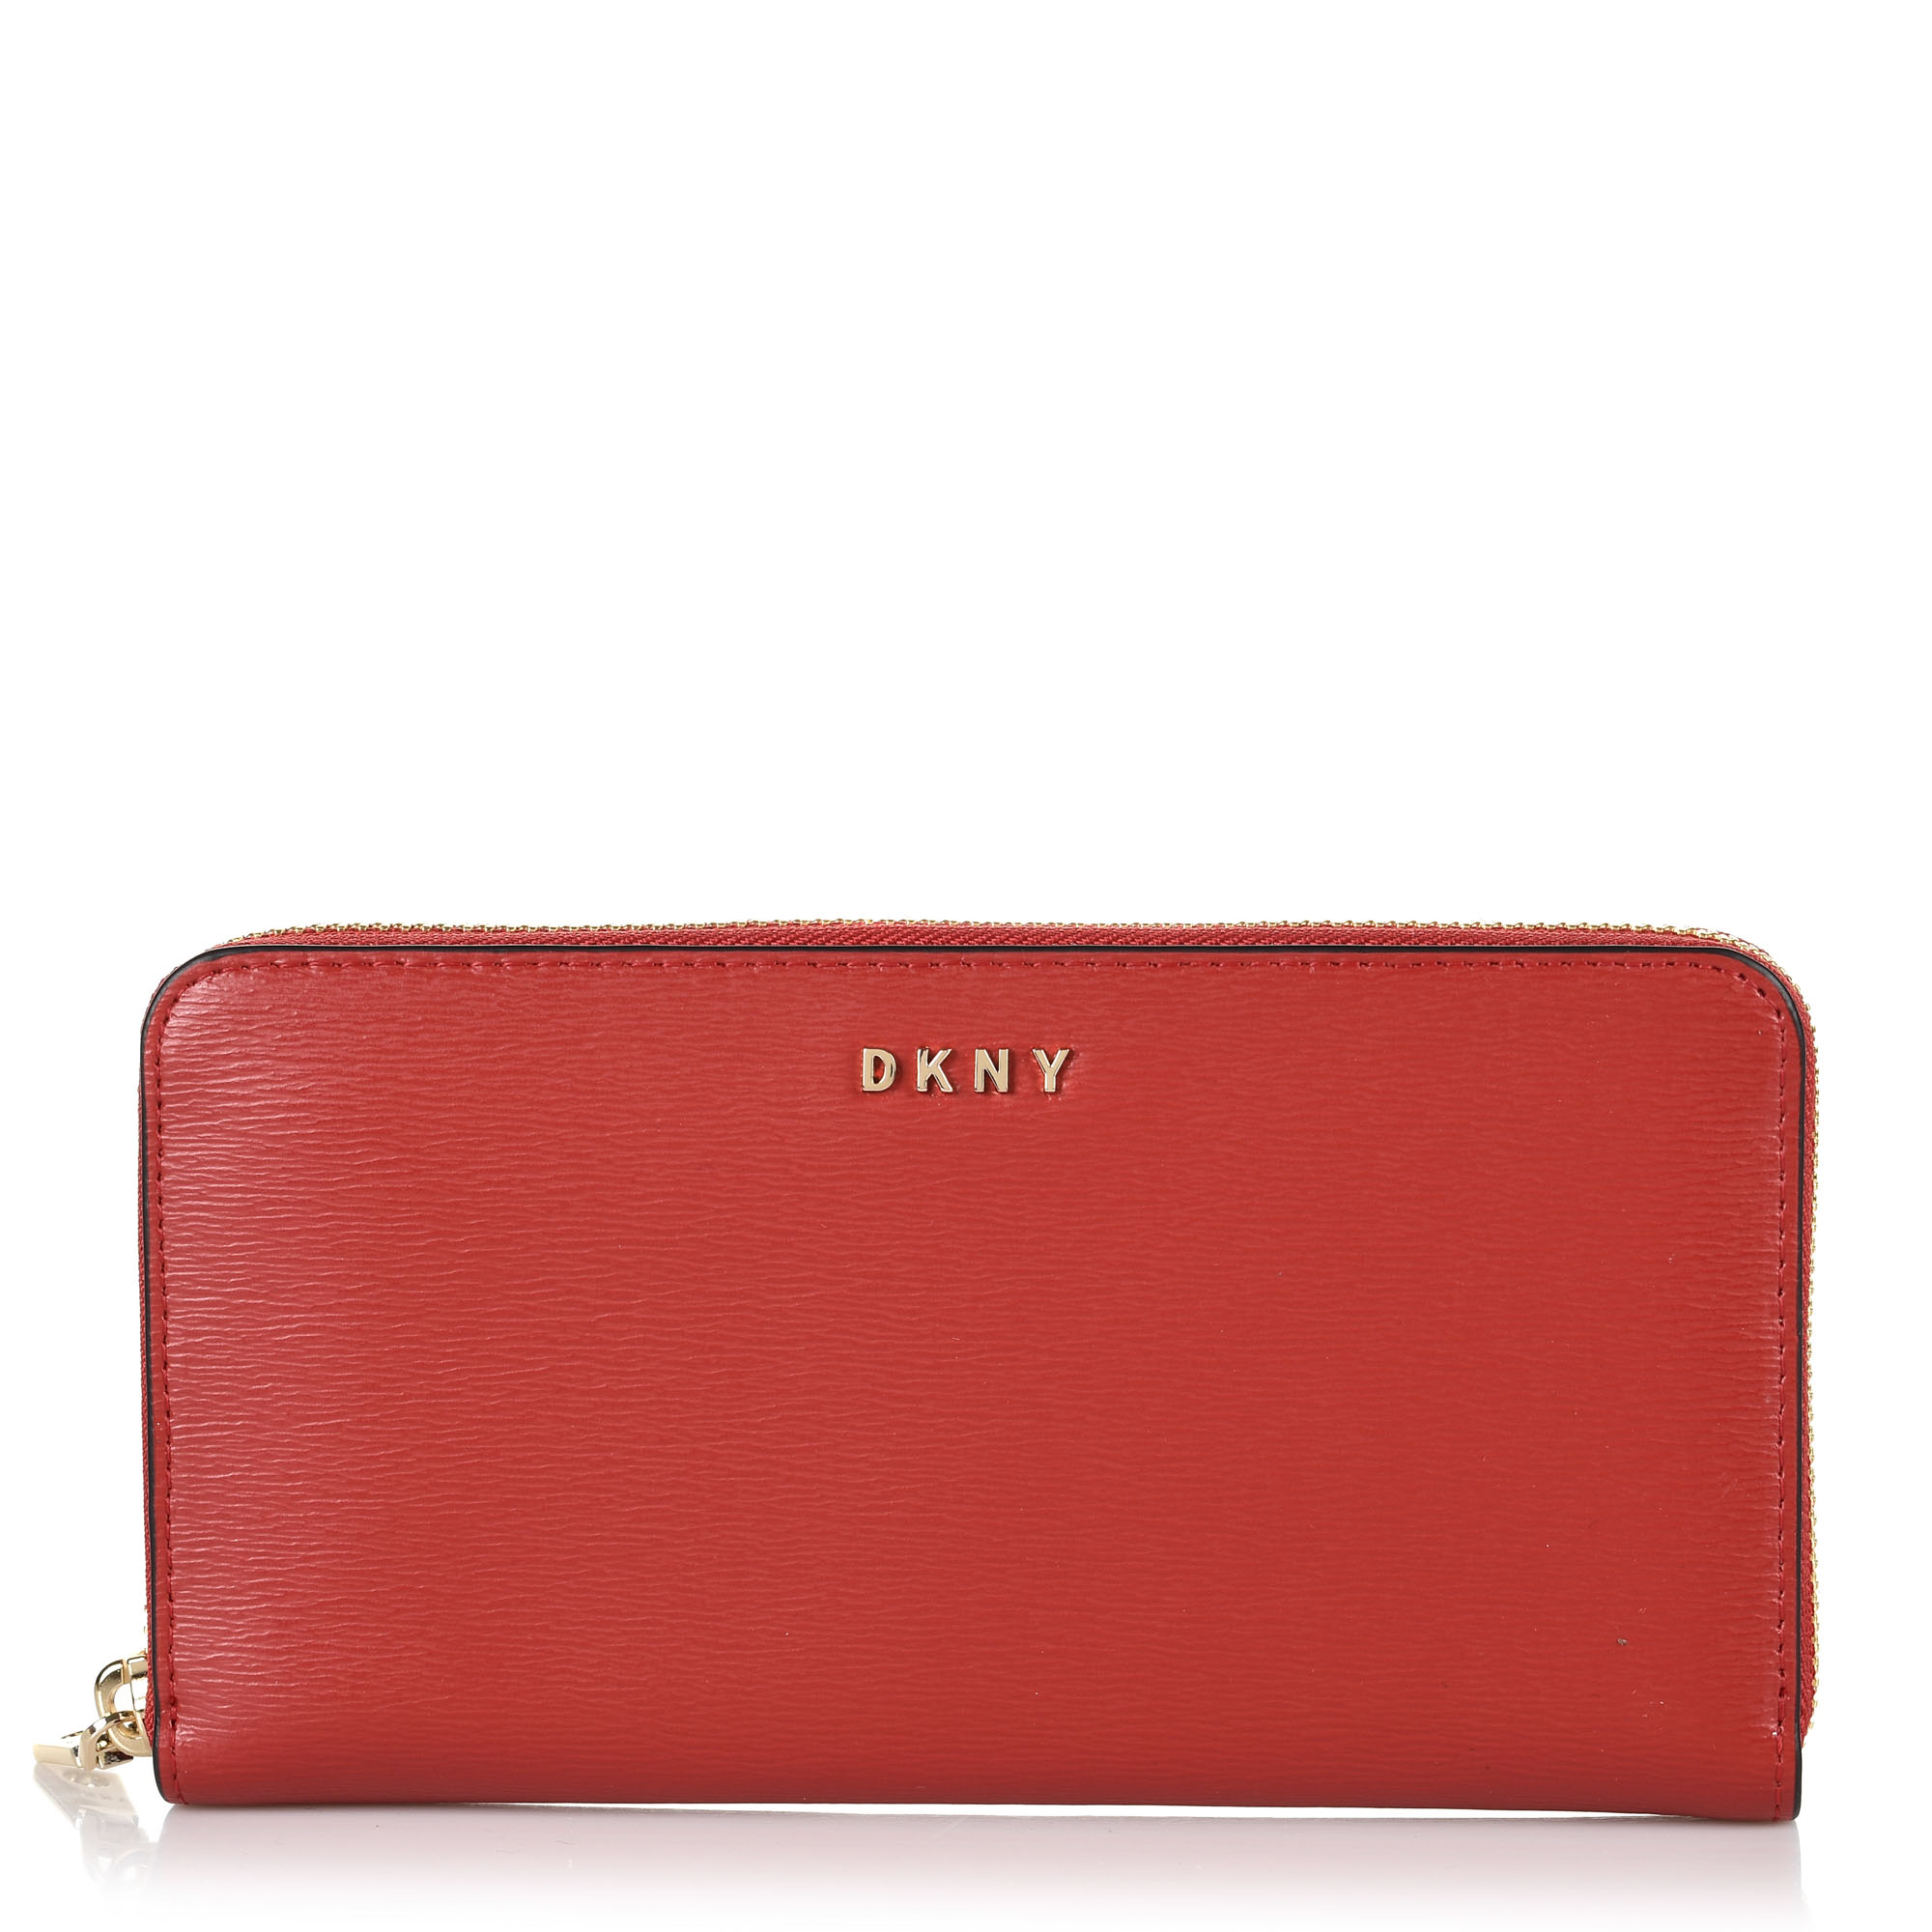 Δερμάτινο Πορτοφόλι Κασετίνα DKNY R8313658